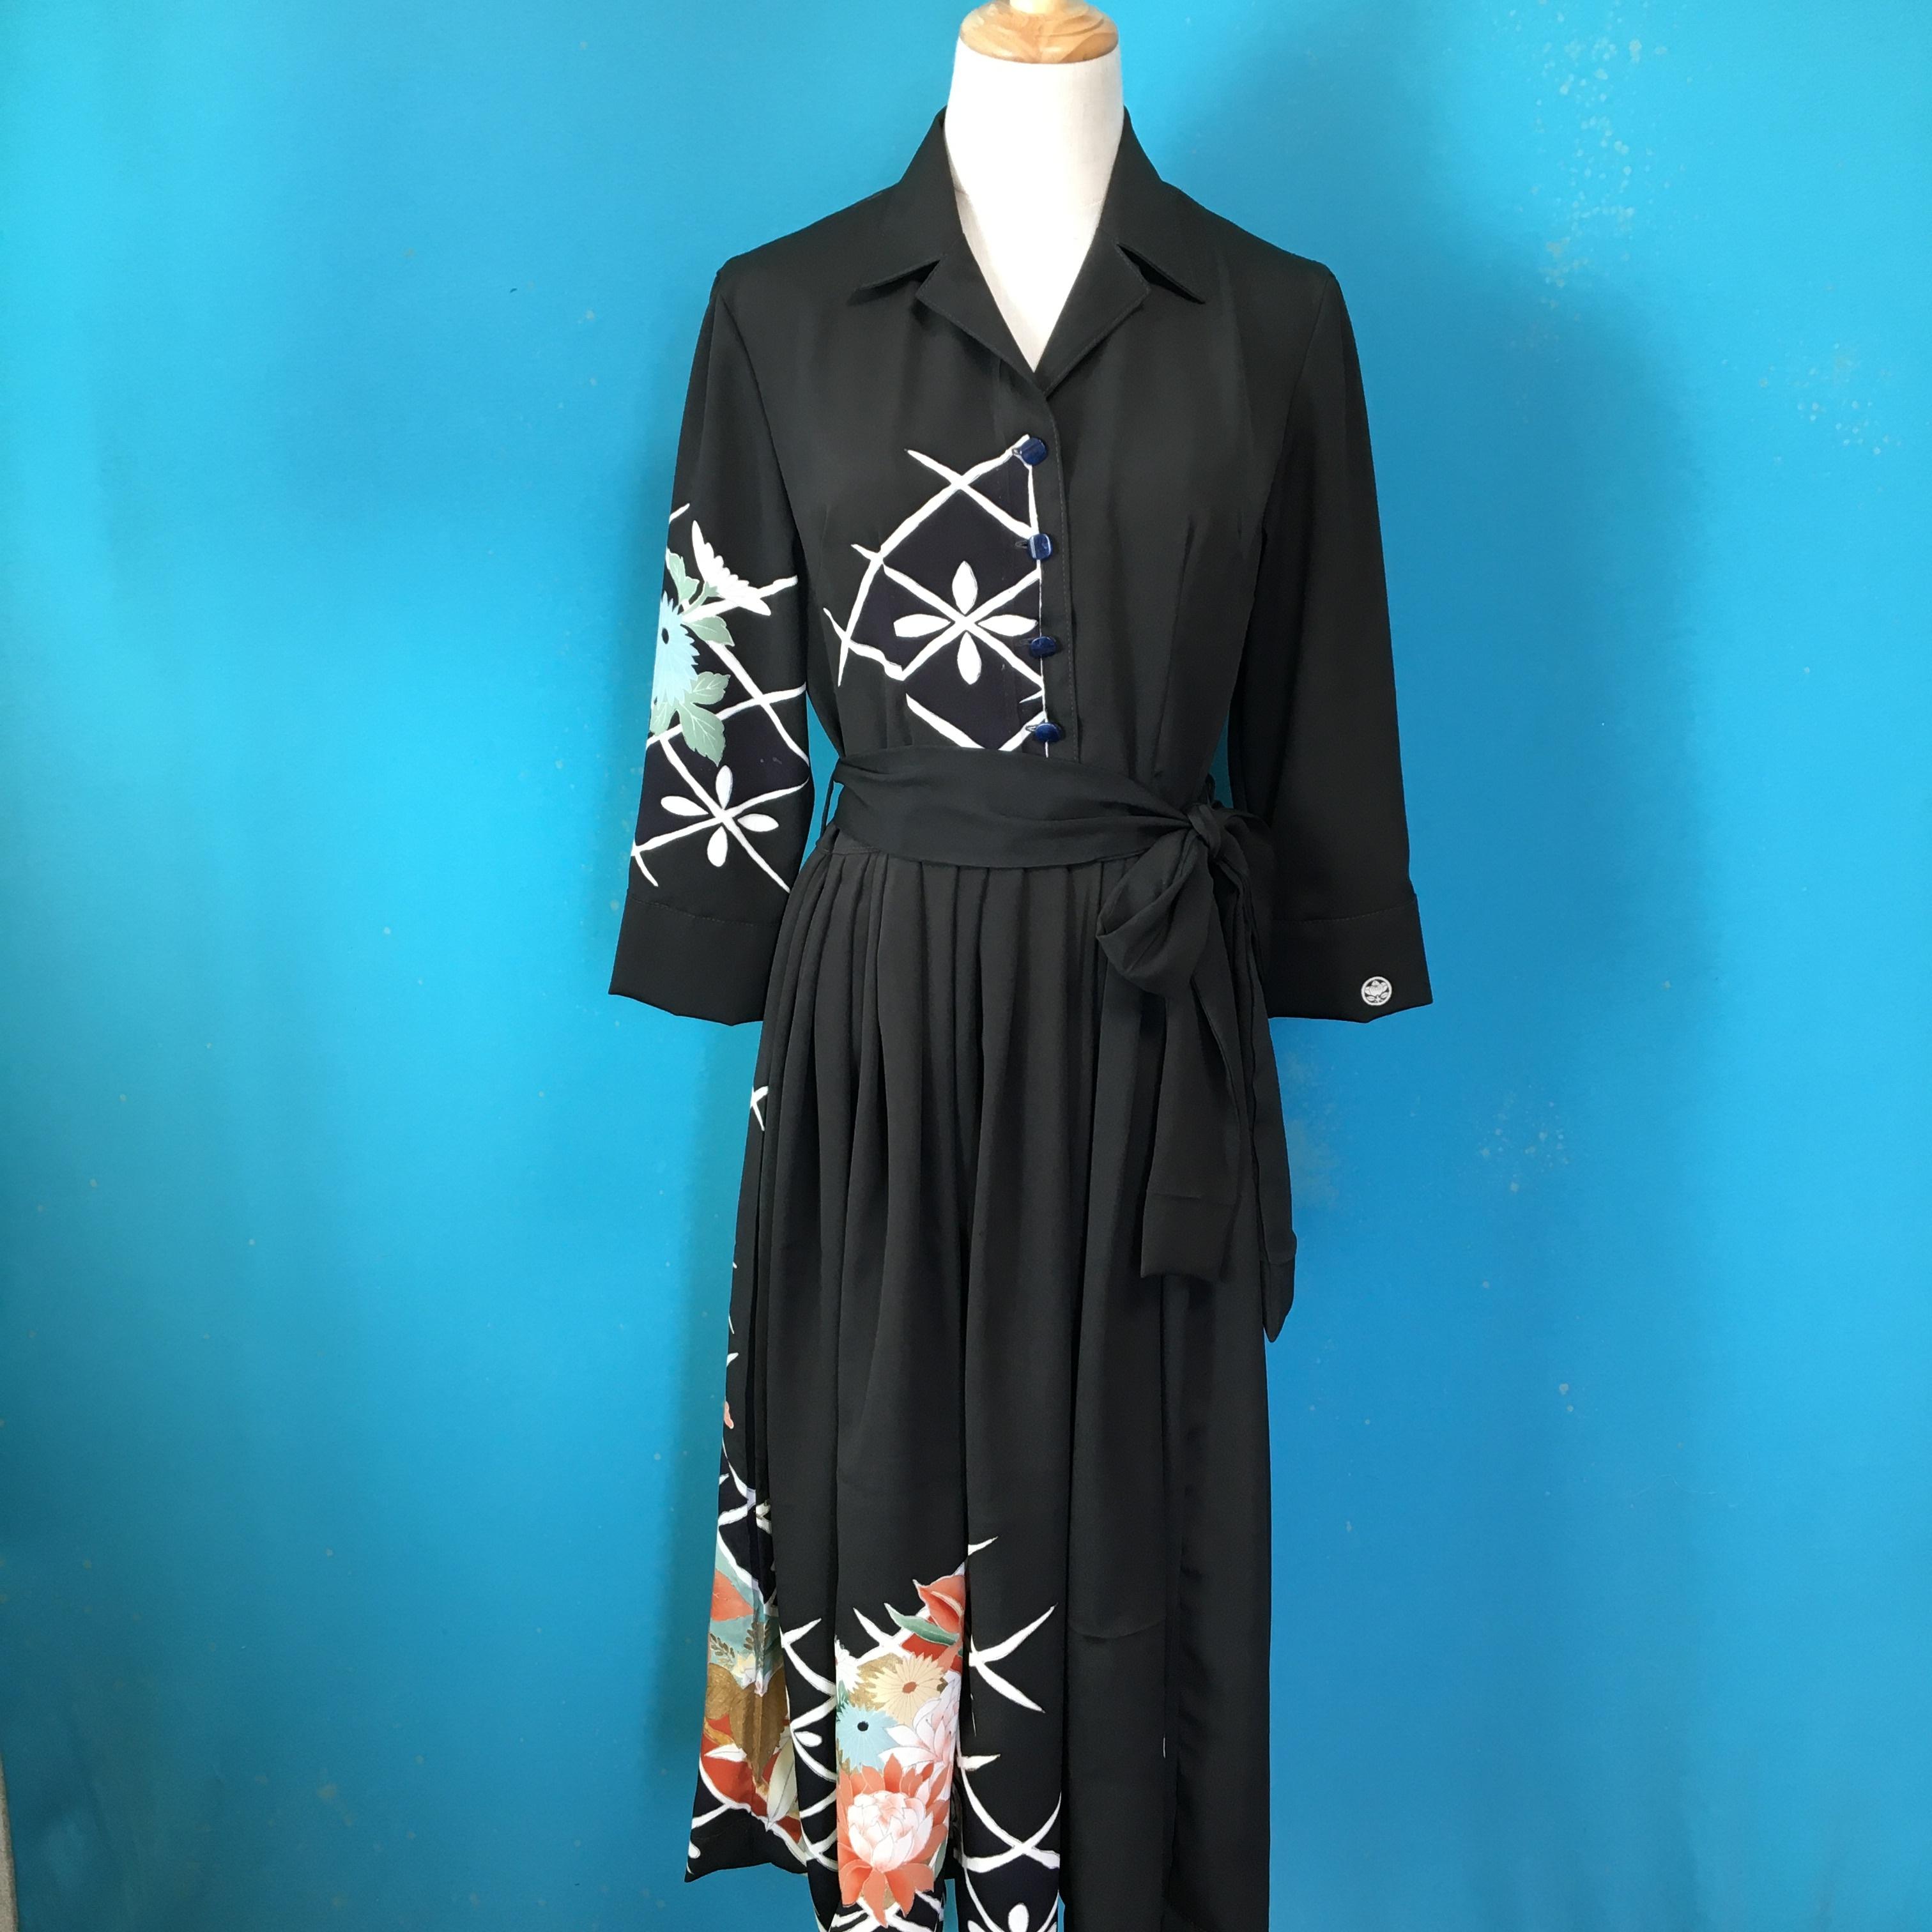 Vintage black kimono shirtdress/ US 8, gorgeous embroidery